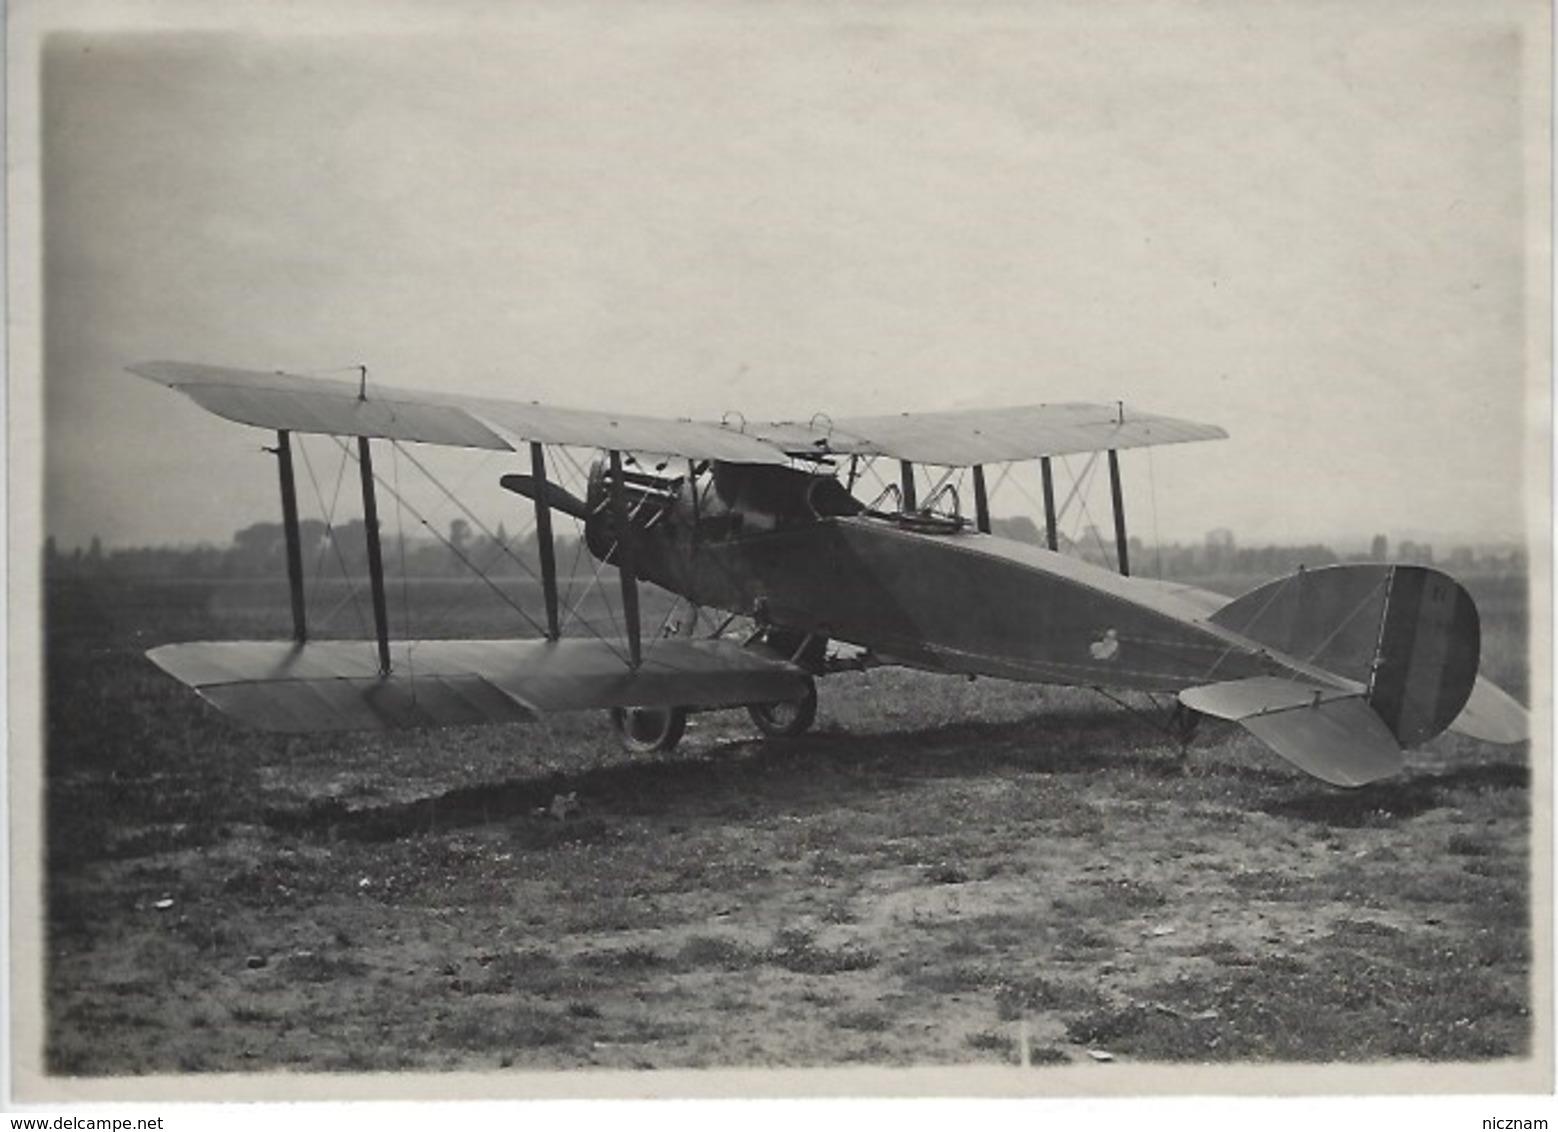 RARE - WWI - Aviation Militaire - Photo Originale Annotée - BRISTOL Avion Reconnaissance Anglais - Luchtvaart